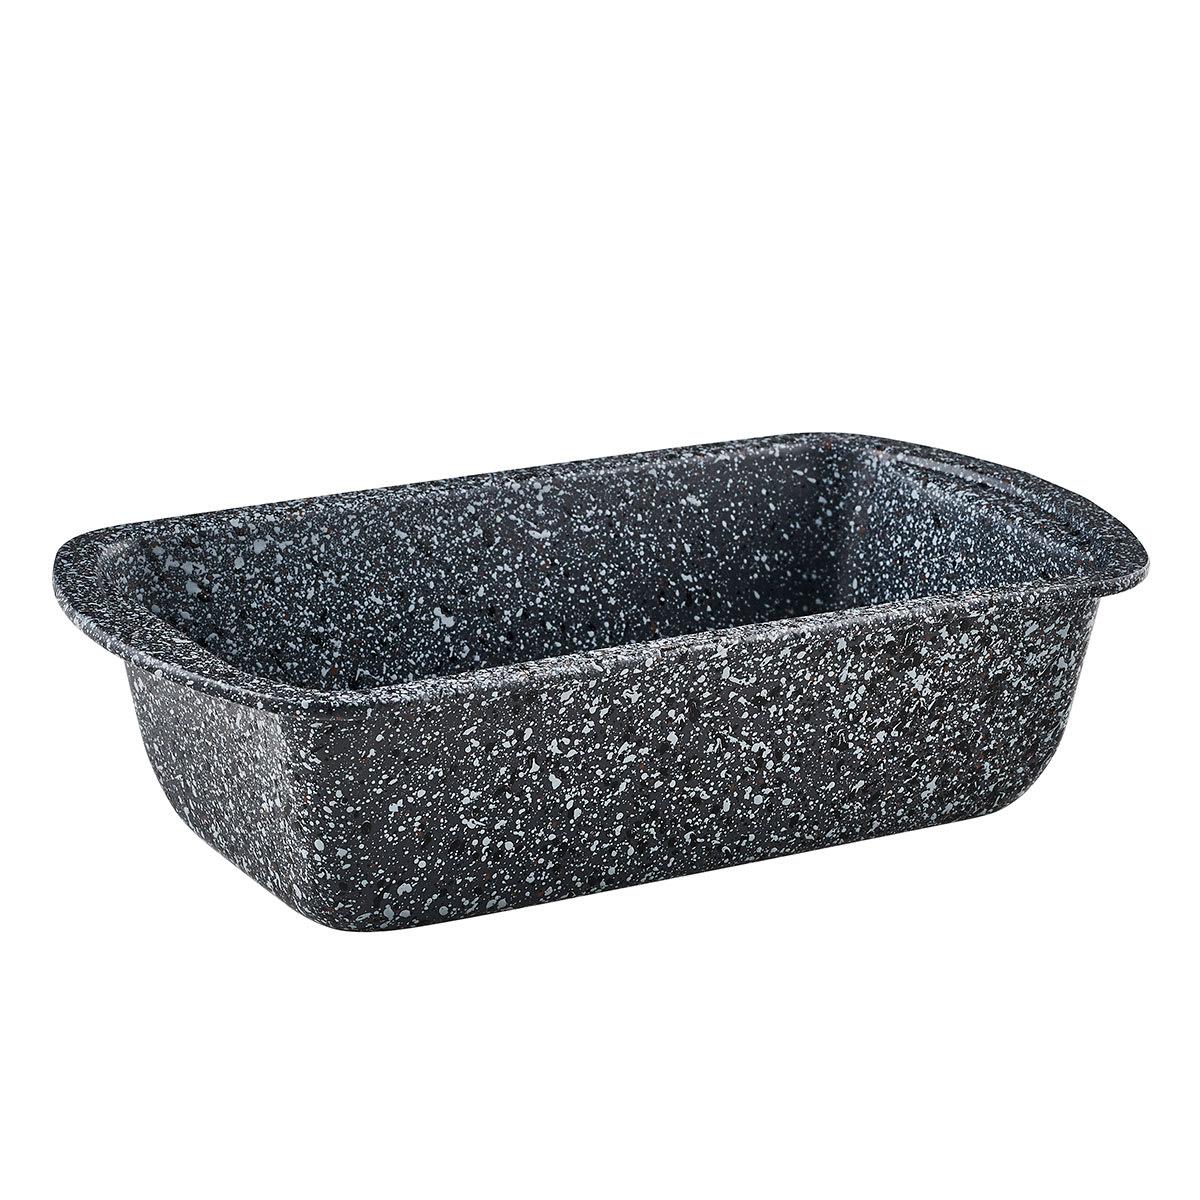 L 28 cm - Granit-belægning